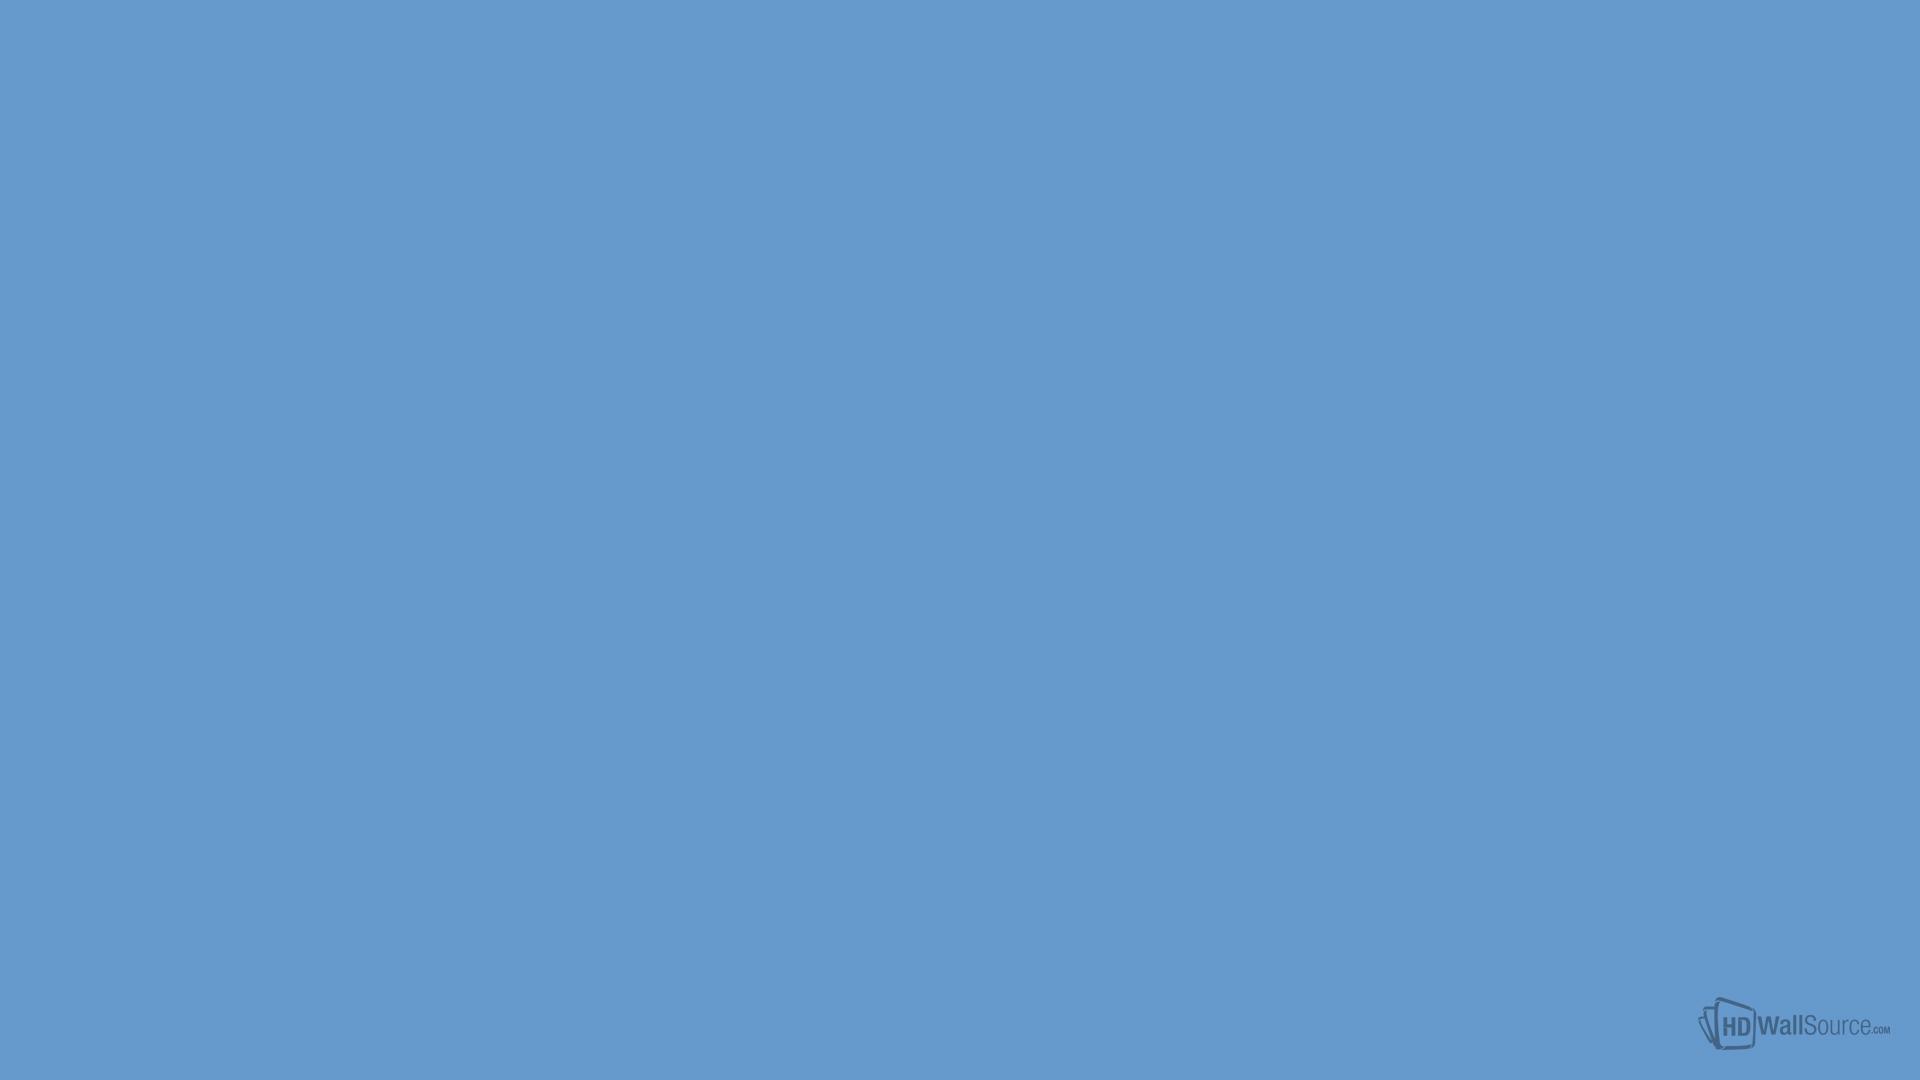 6699cc wallpaper 71072